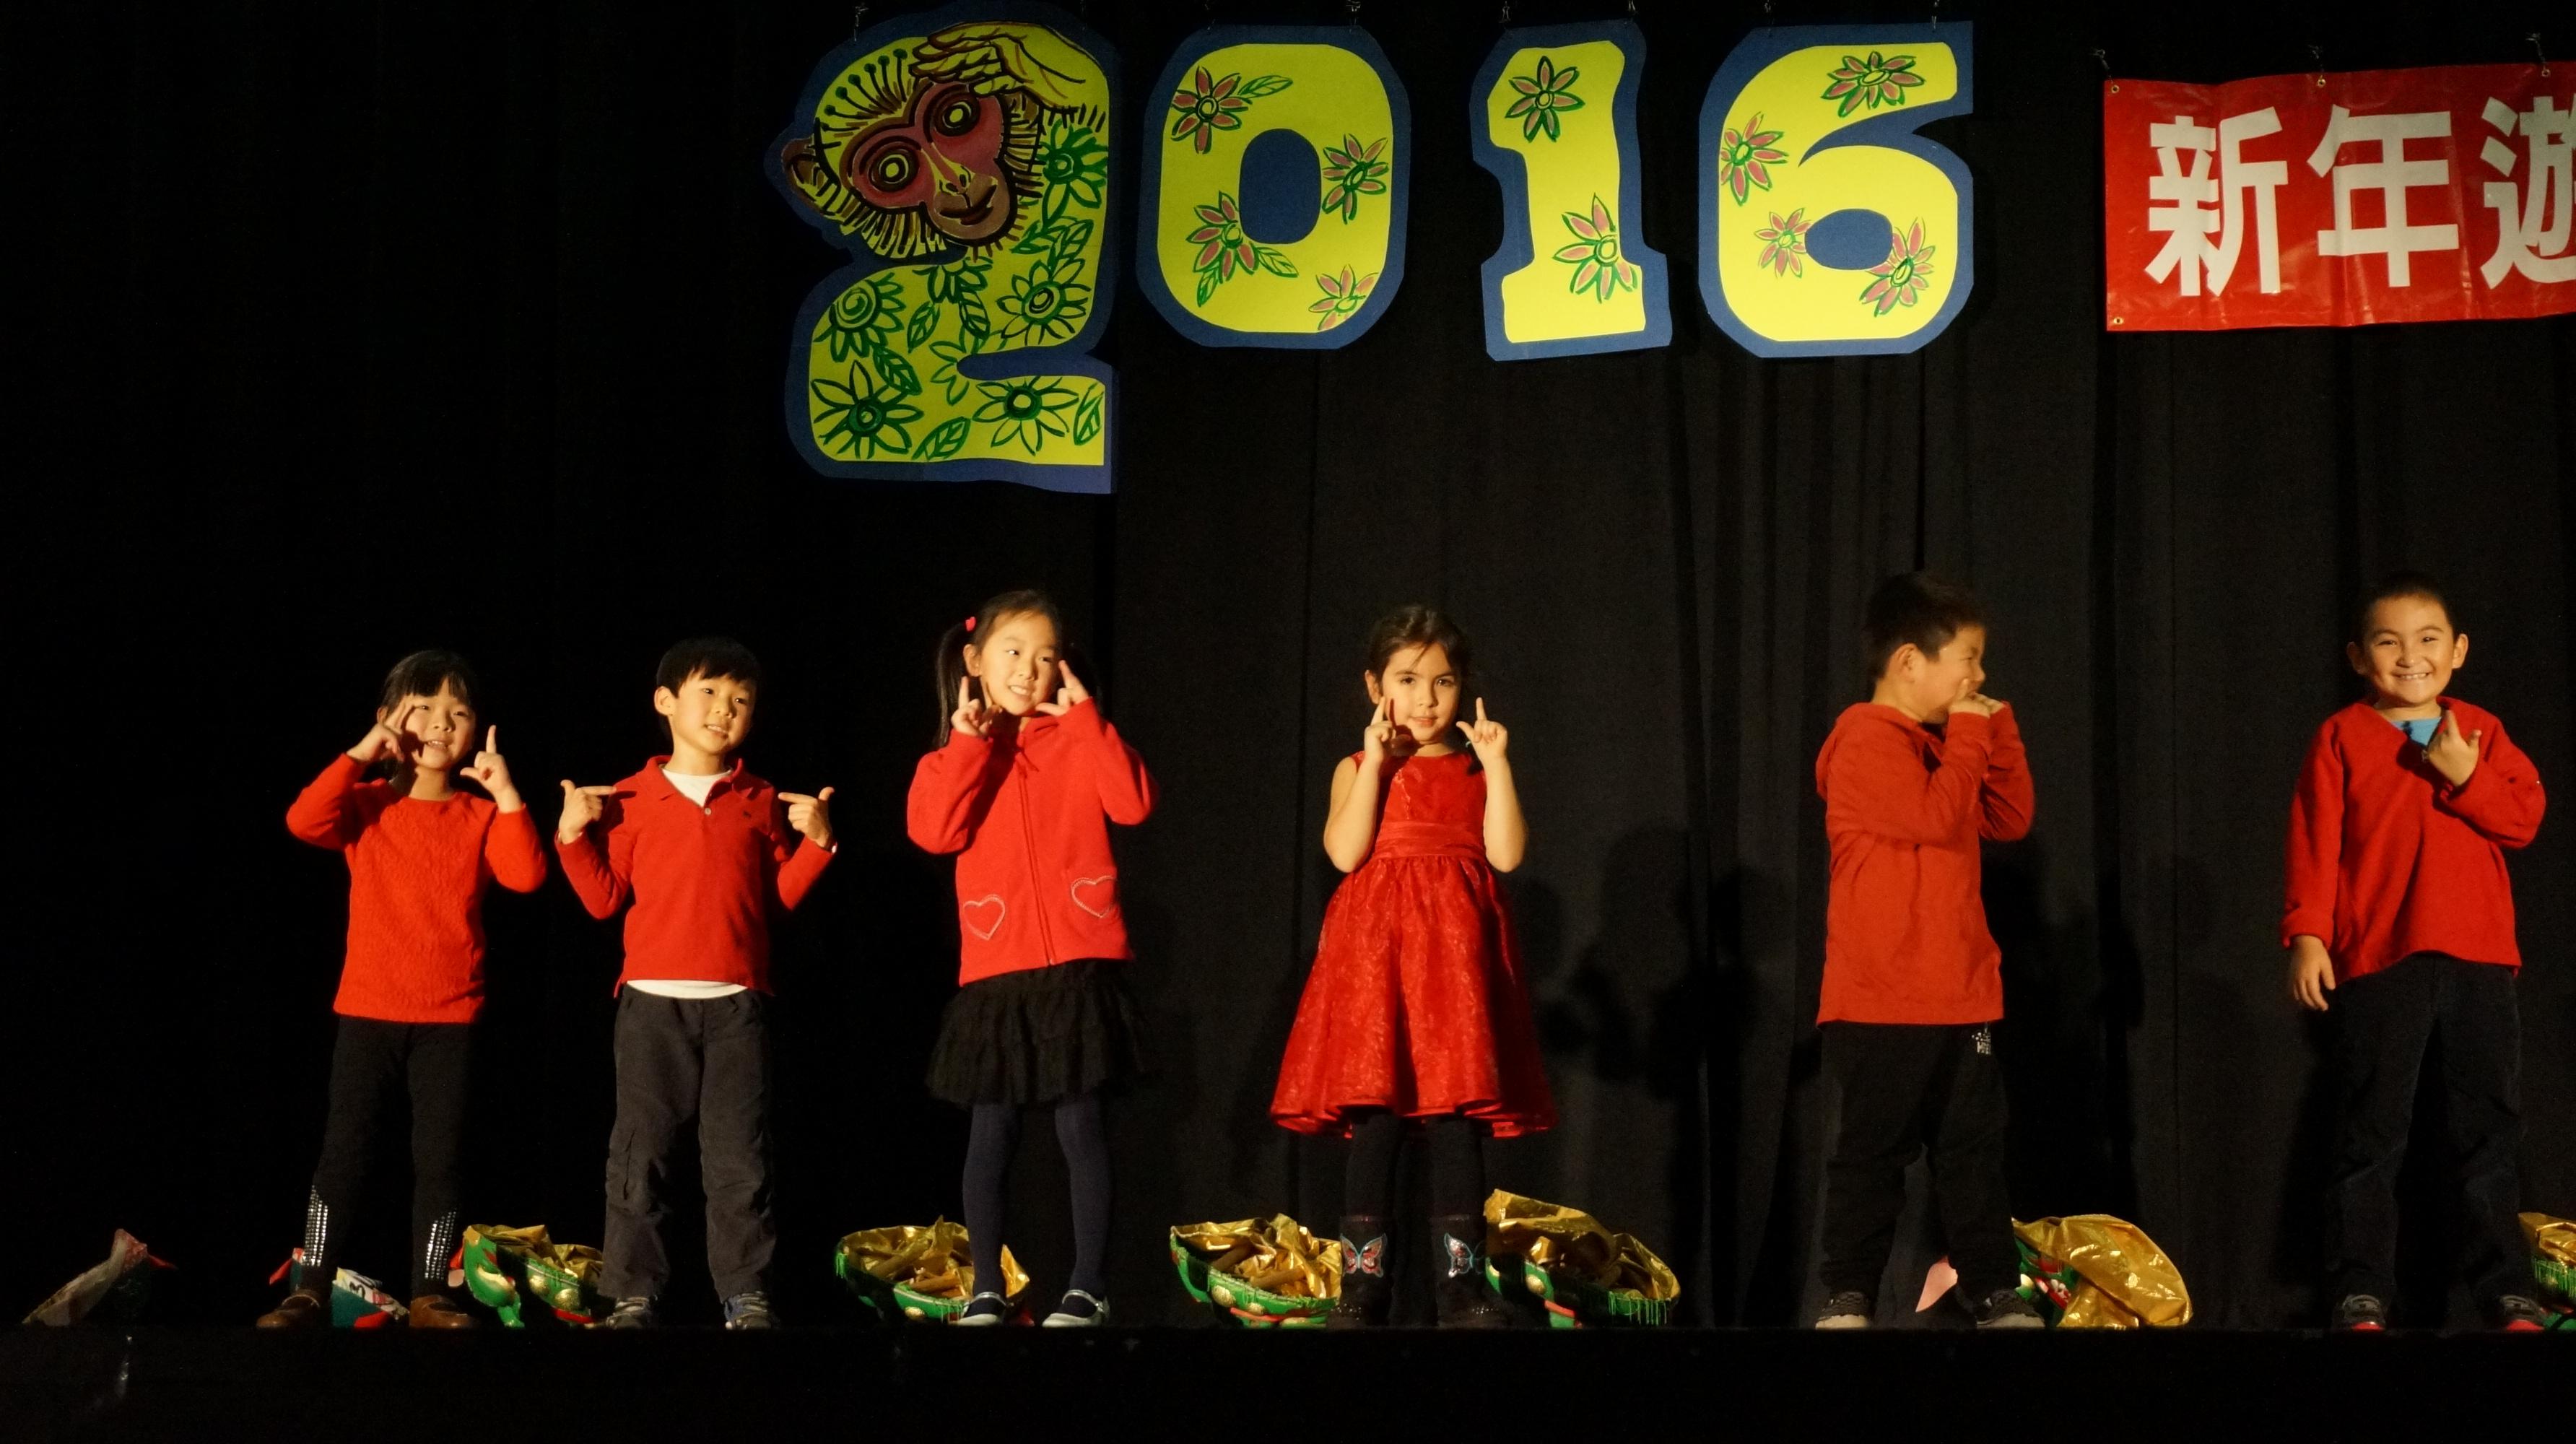 7f8b12174de3e6d4195d_aaa_Chinese_New_Year_pix_244.JPG